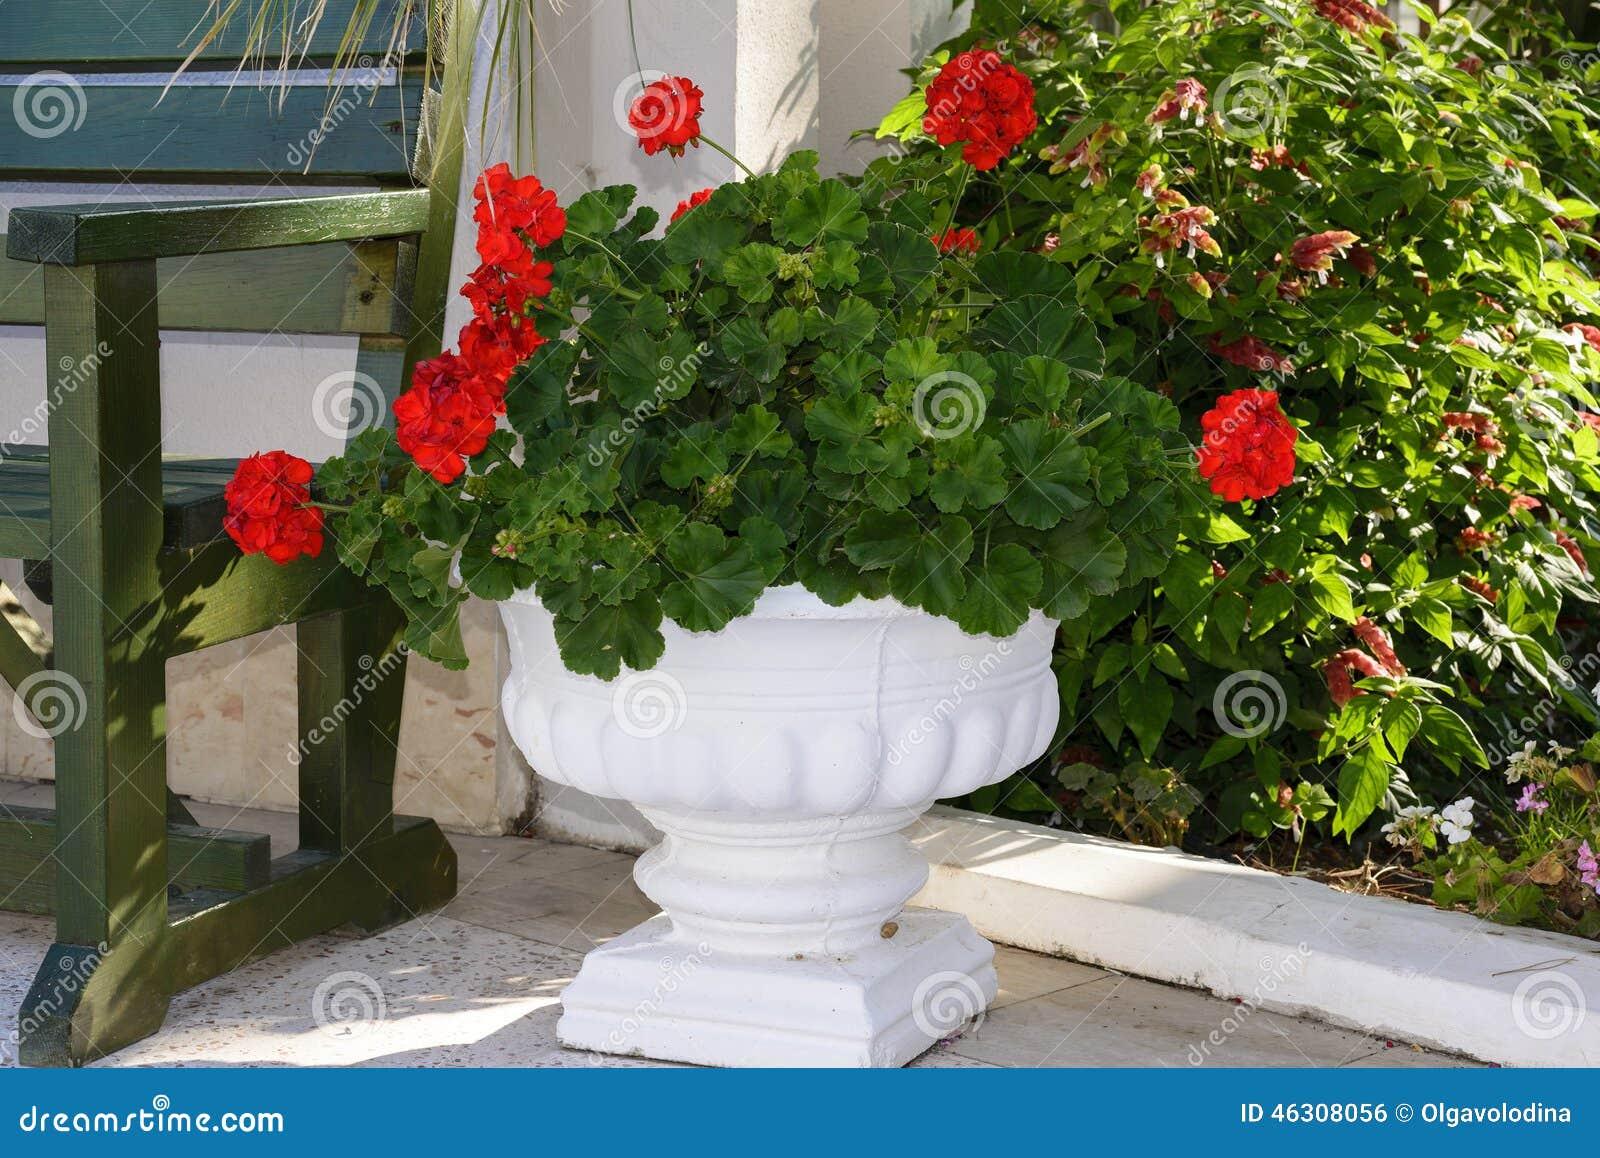 Gerani rossi in vasi al giardino fotografia stock - Vasi in giardino ...